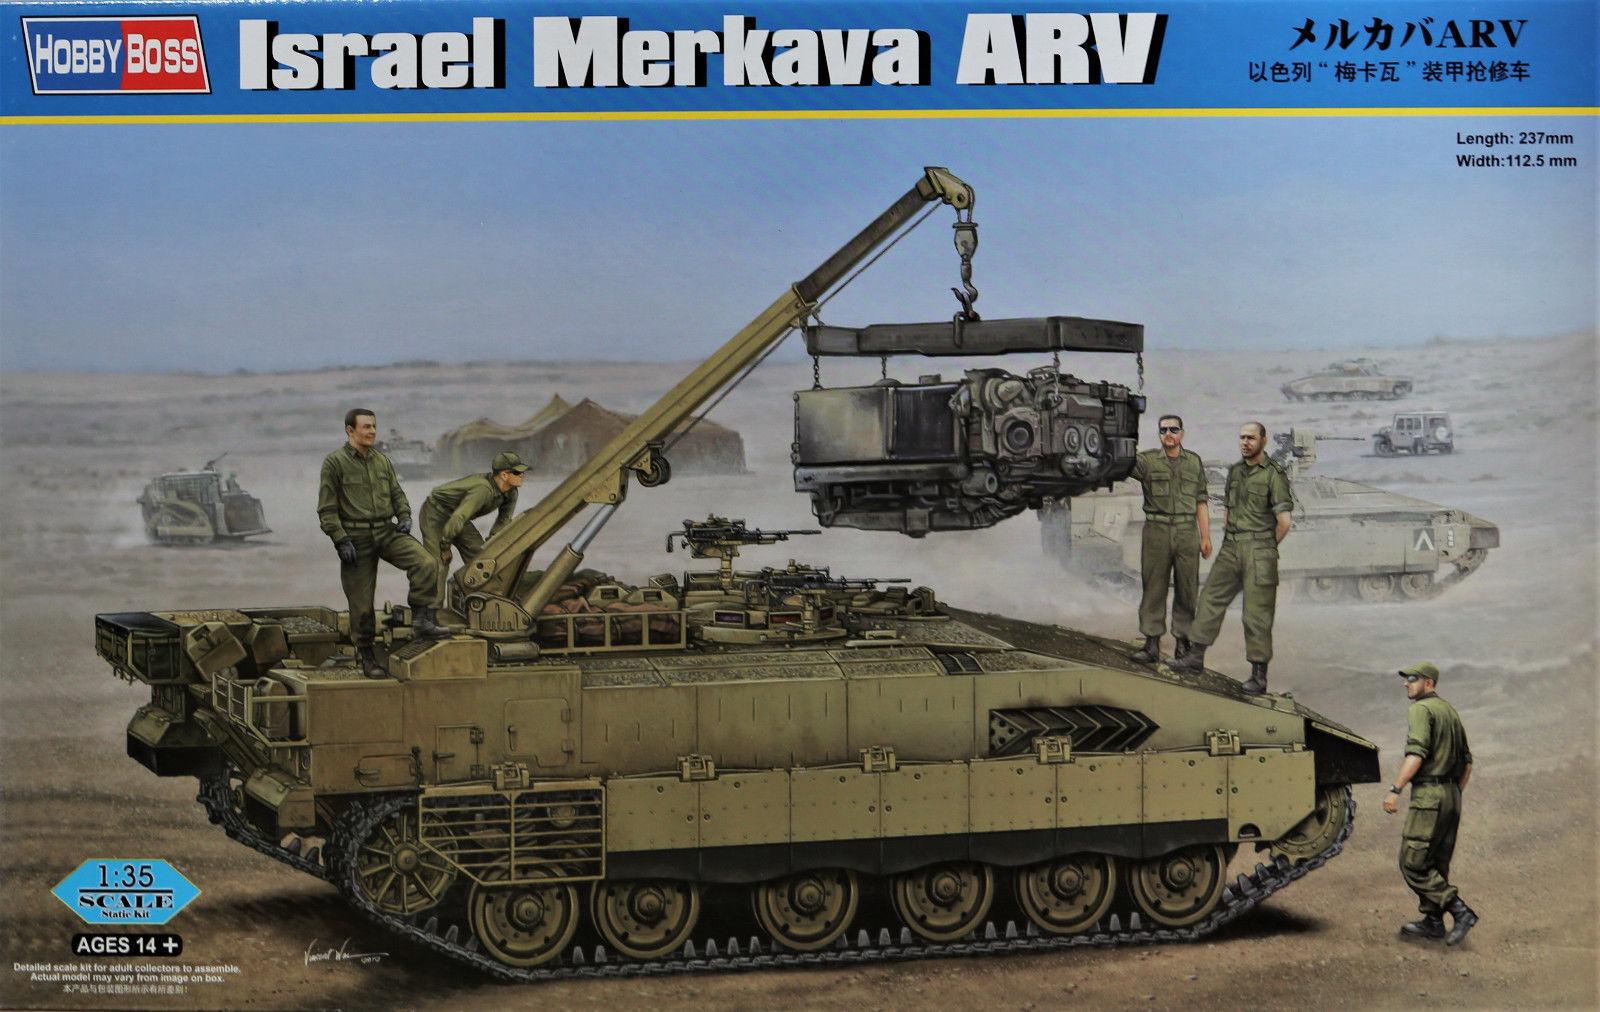 HOBBYBOSS HB82457  Israel  Merkava ARV  in 1 35